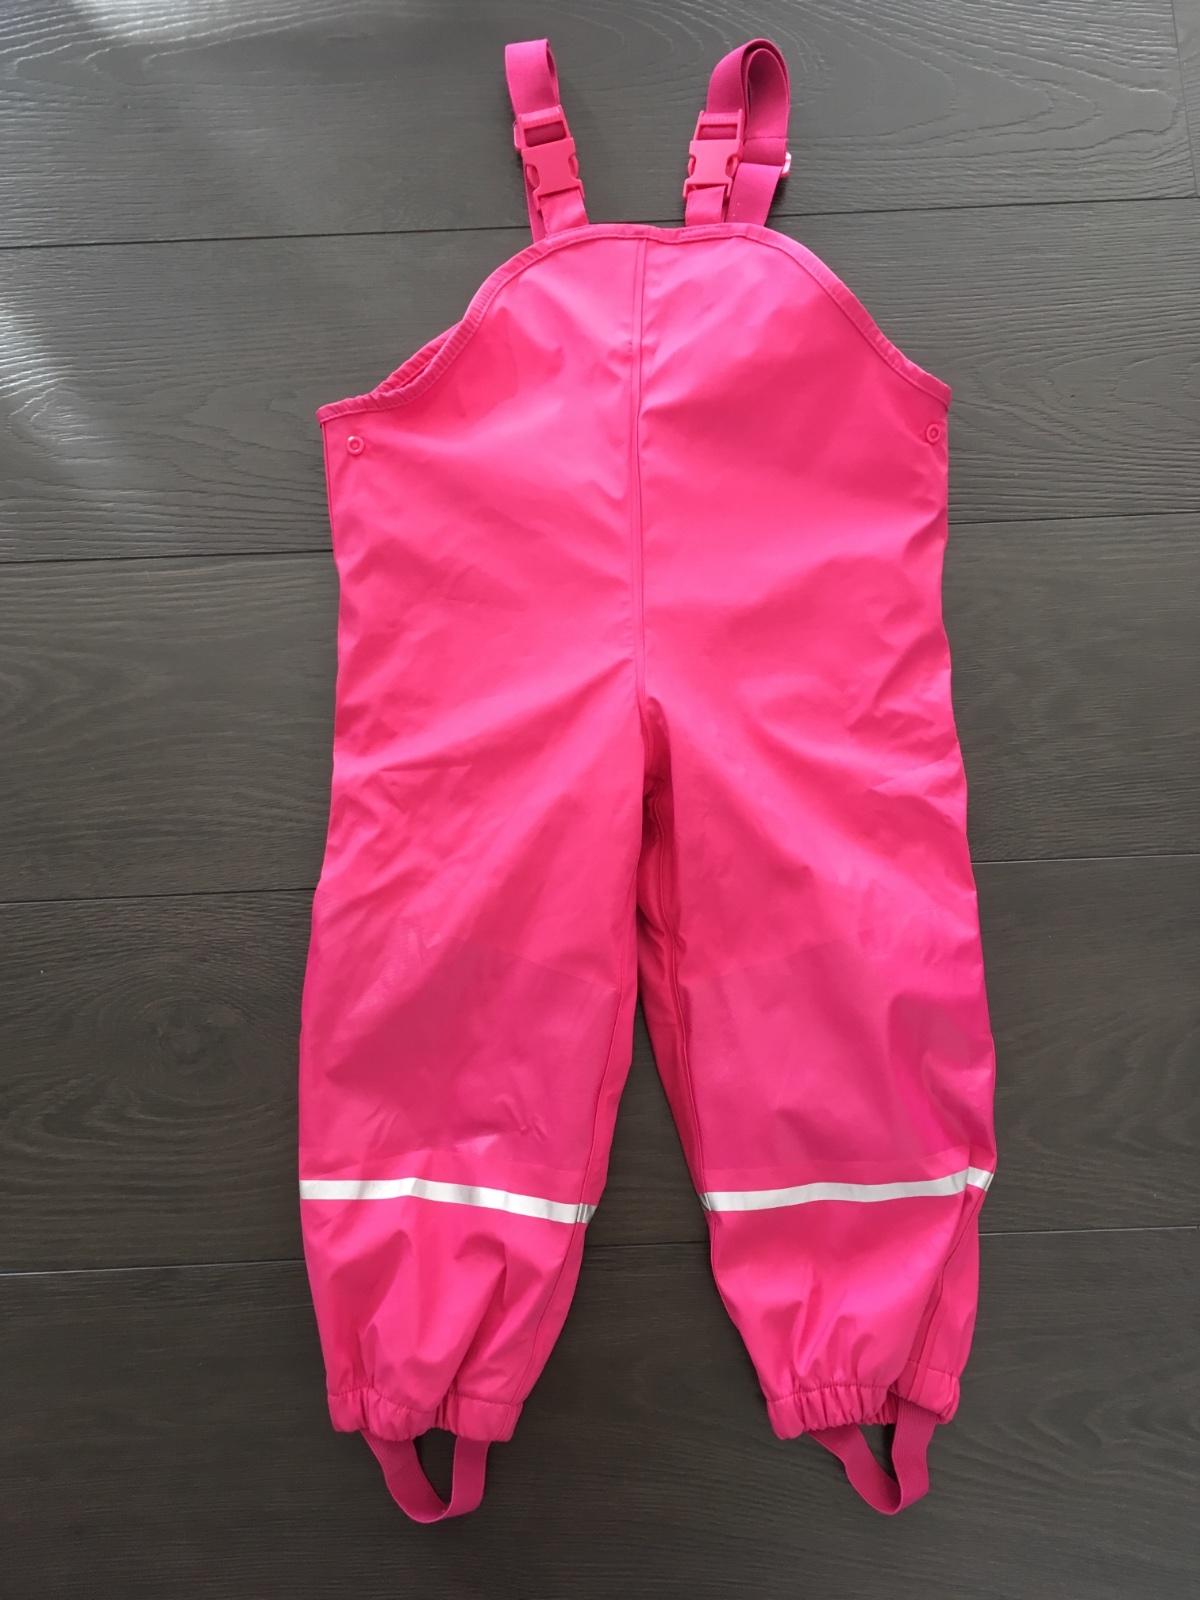 83d681e24b5 Dětské zateplené kalhoty